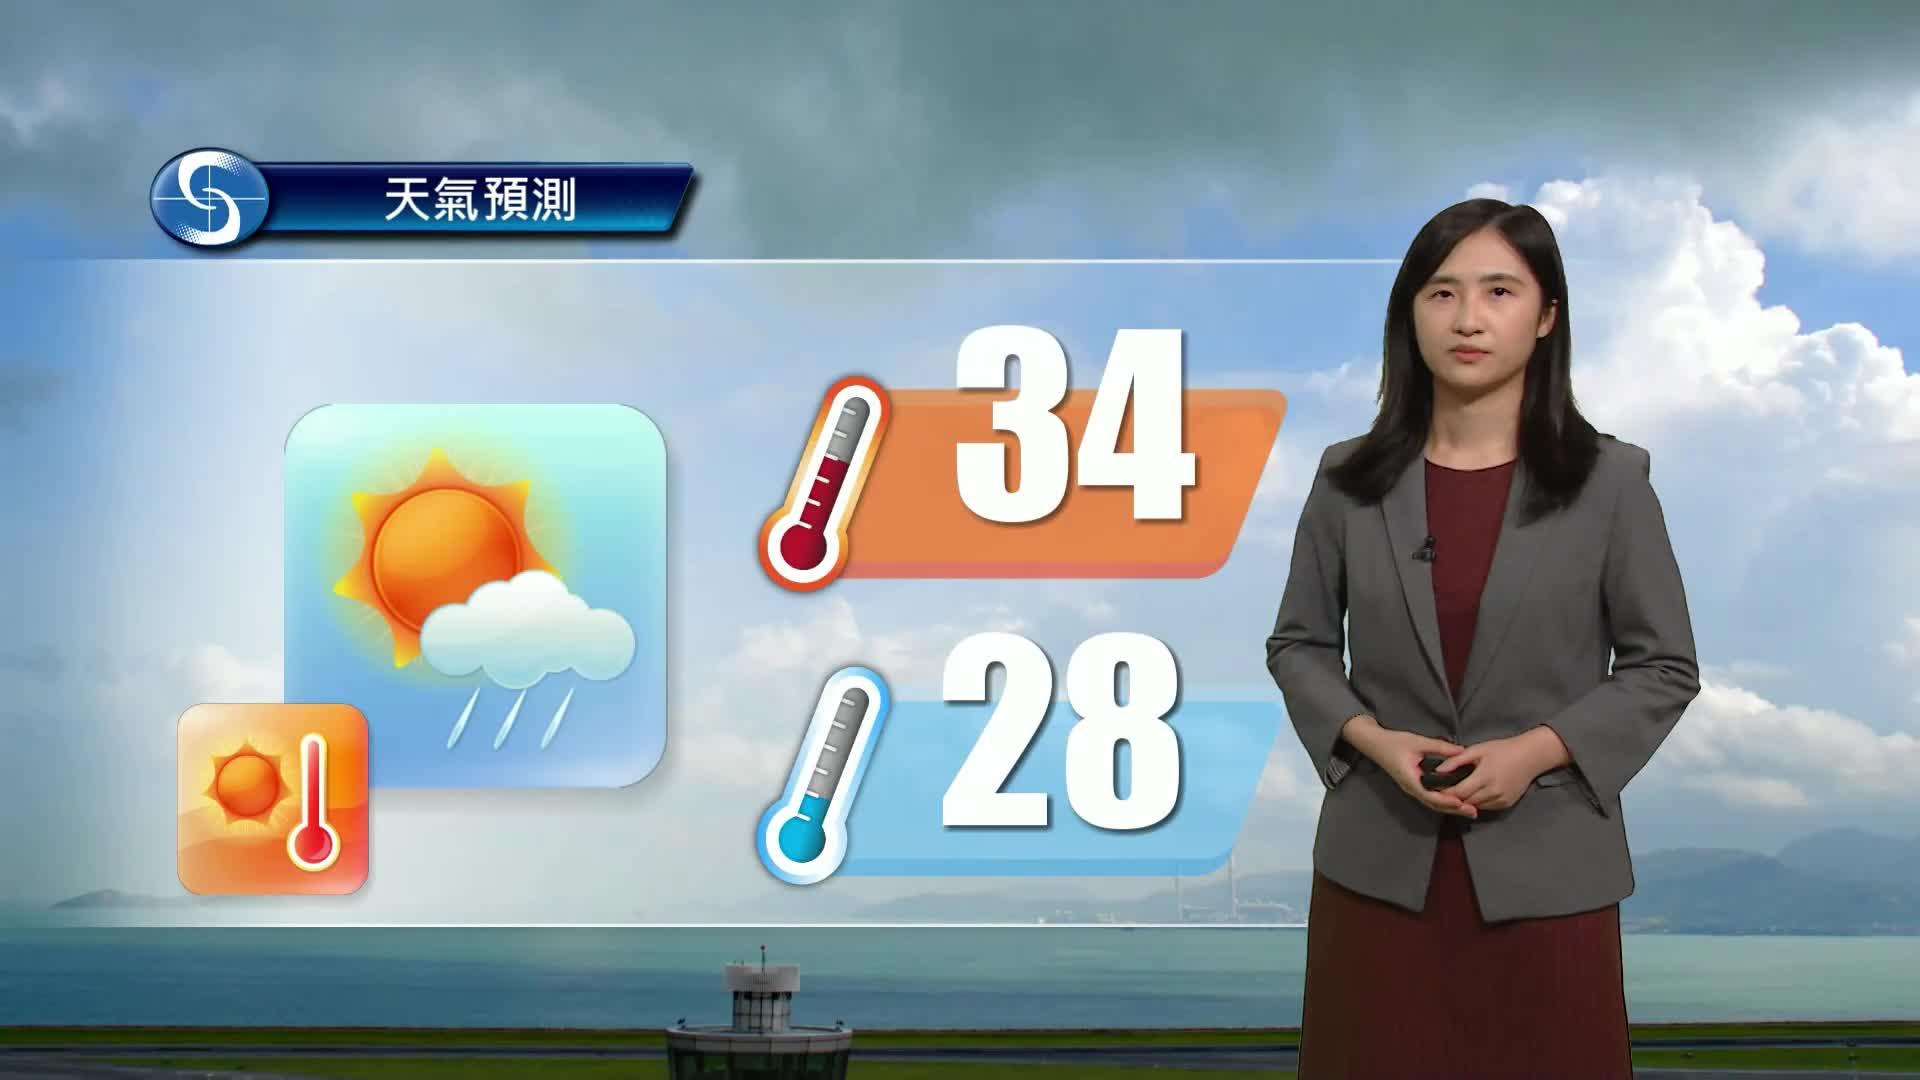 黃昏天氣節目(07月22日下午6時) - 科學主任譚曉晴